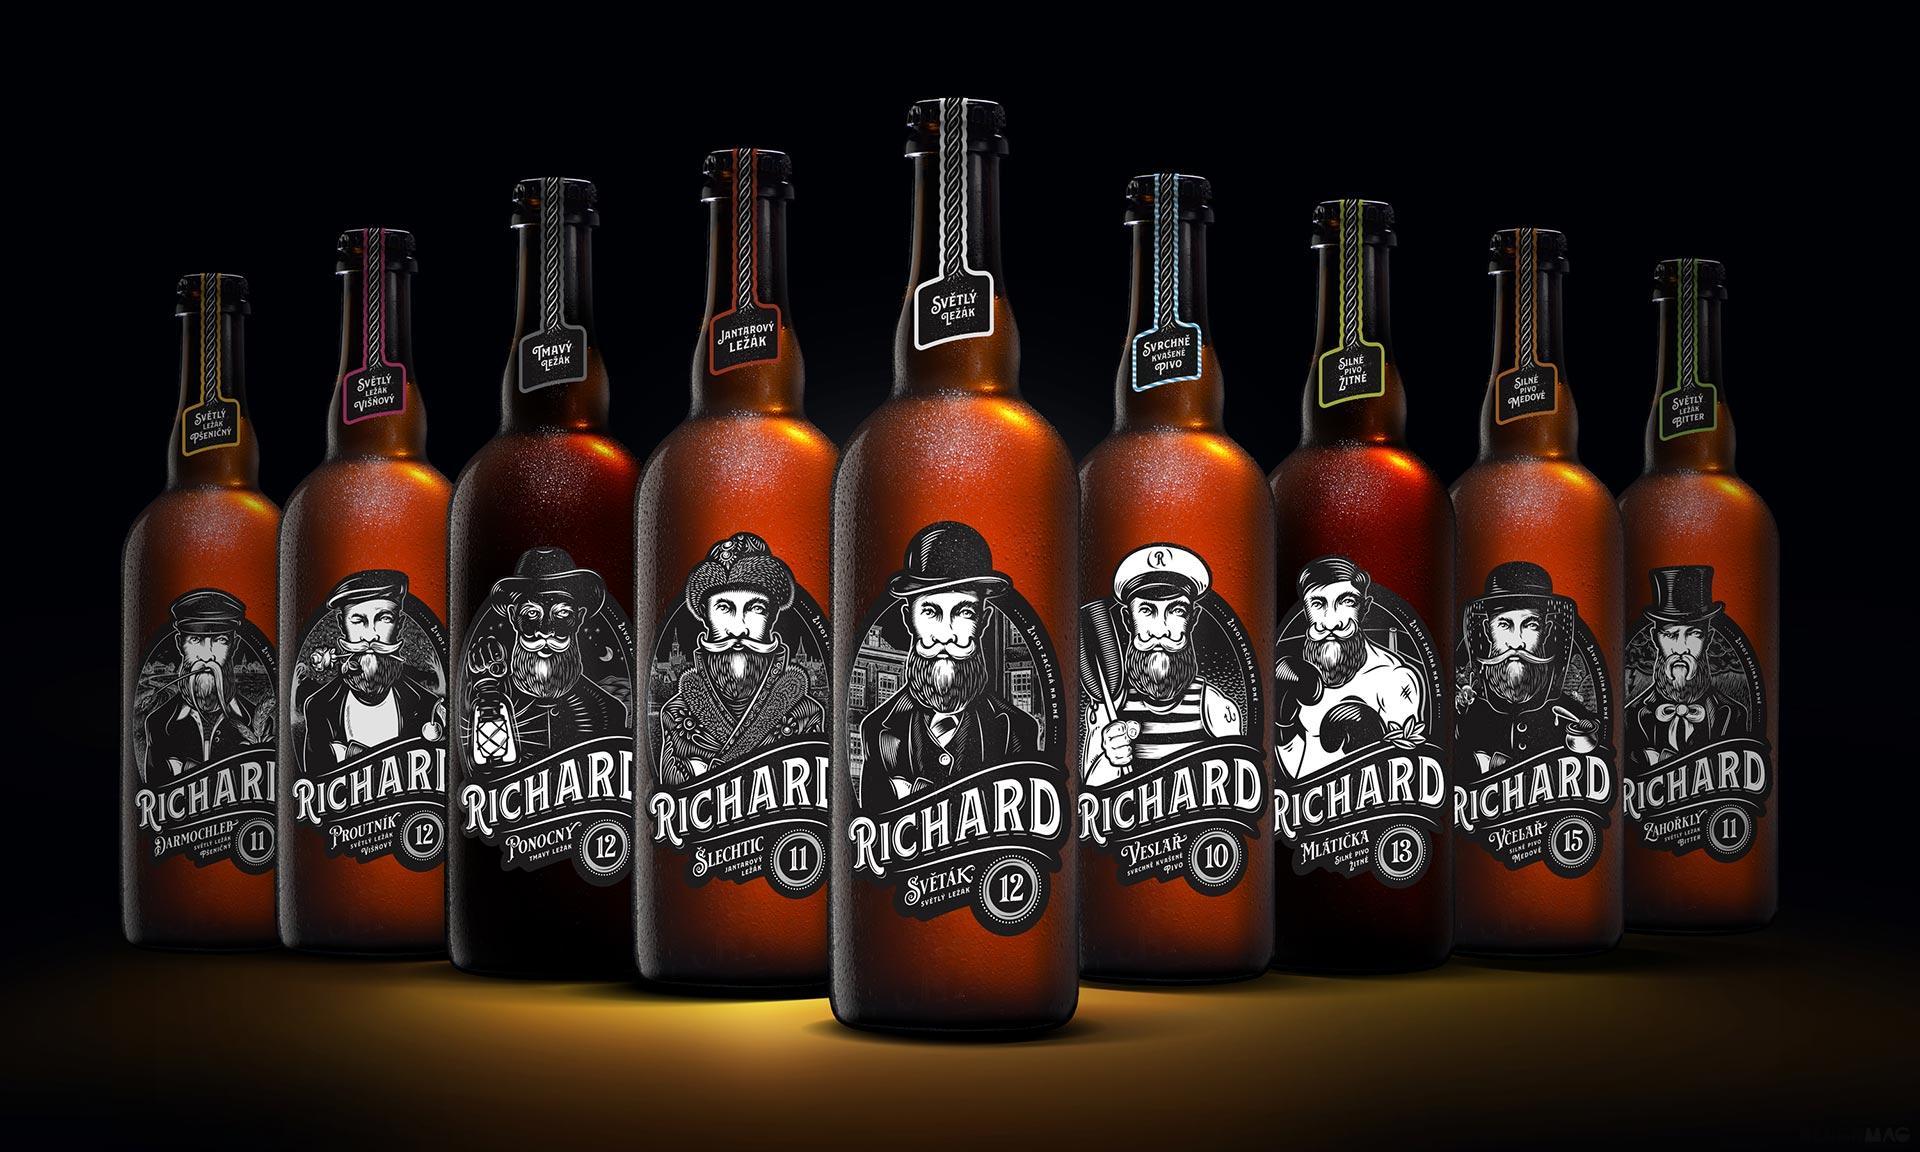 České pivo Richard dostalo prestižní ocenění za design svých etiket